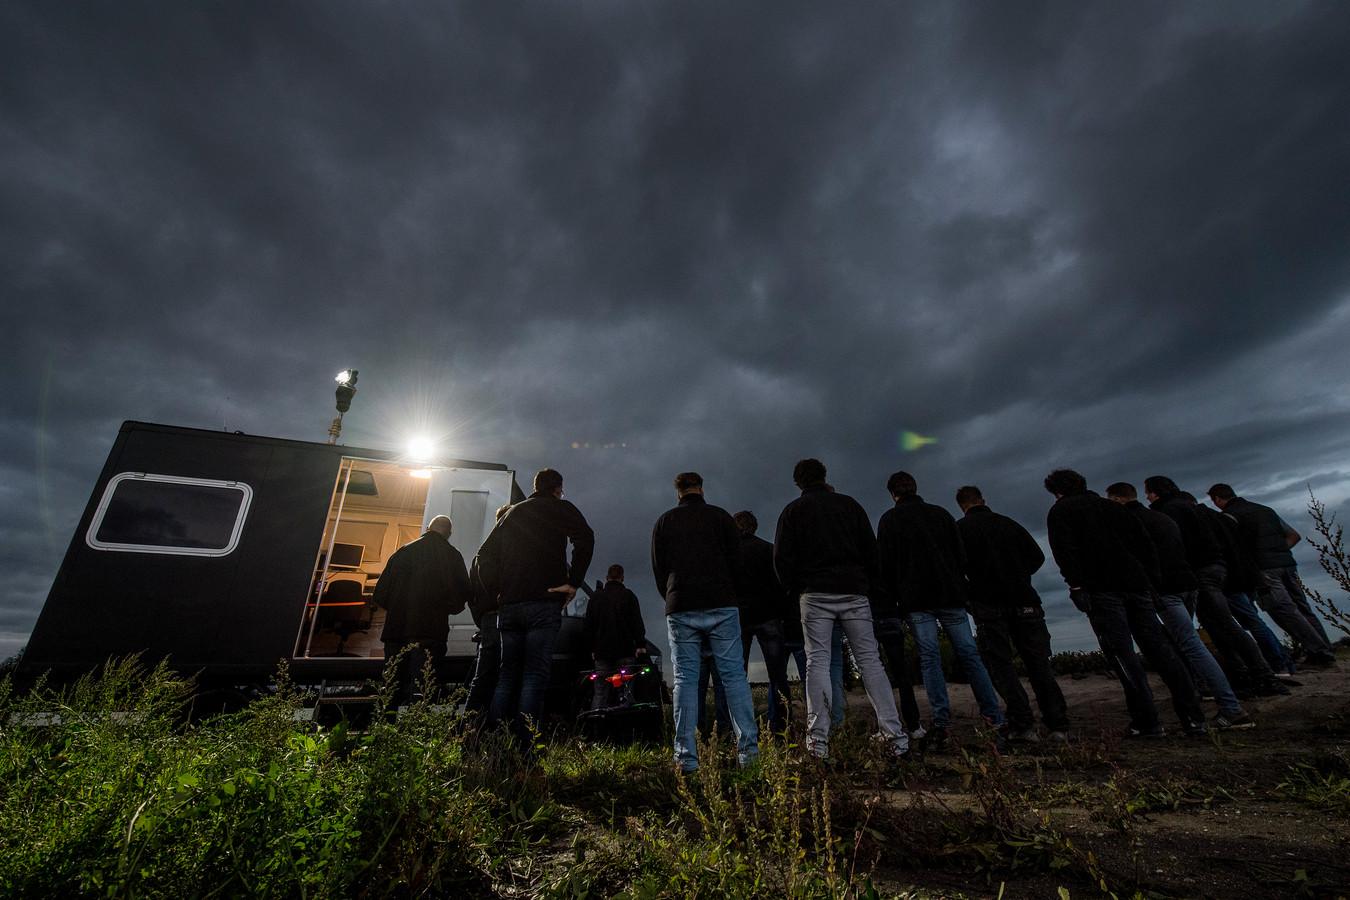 Ochten 03/10/2019 Burgerwacht Neder - Betuwe iov Gelderlander foto Raphael Drent